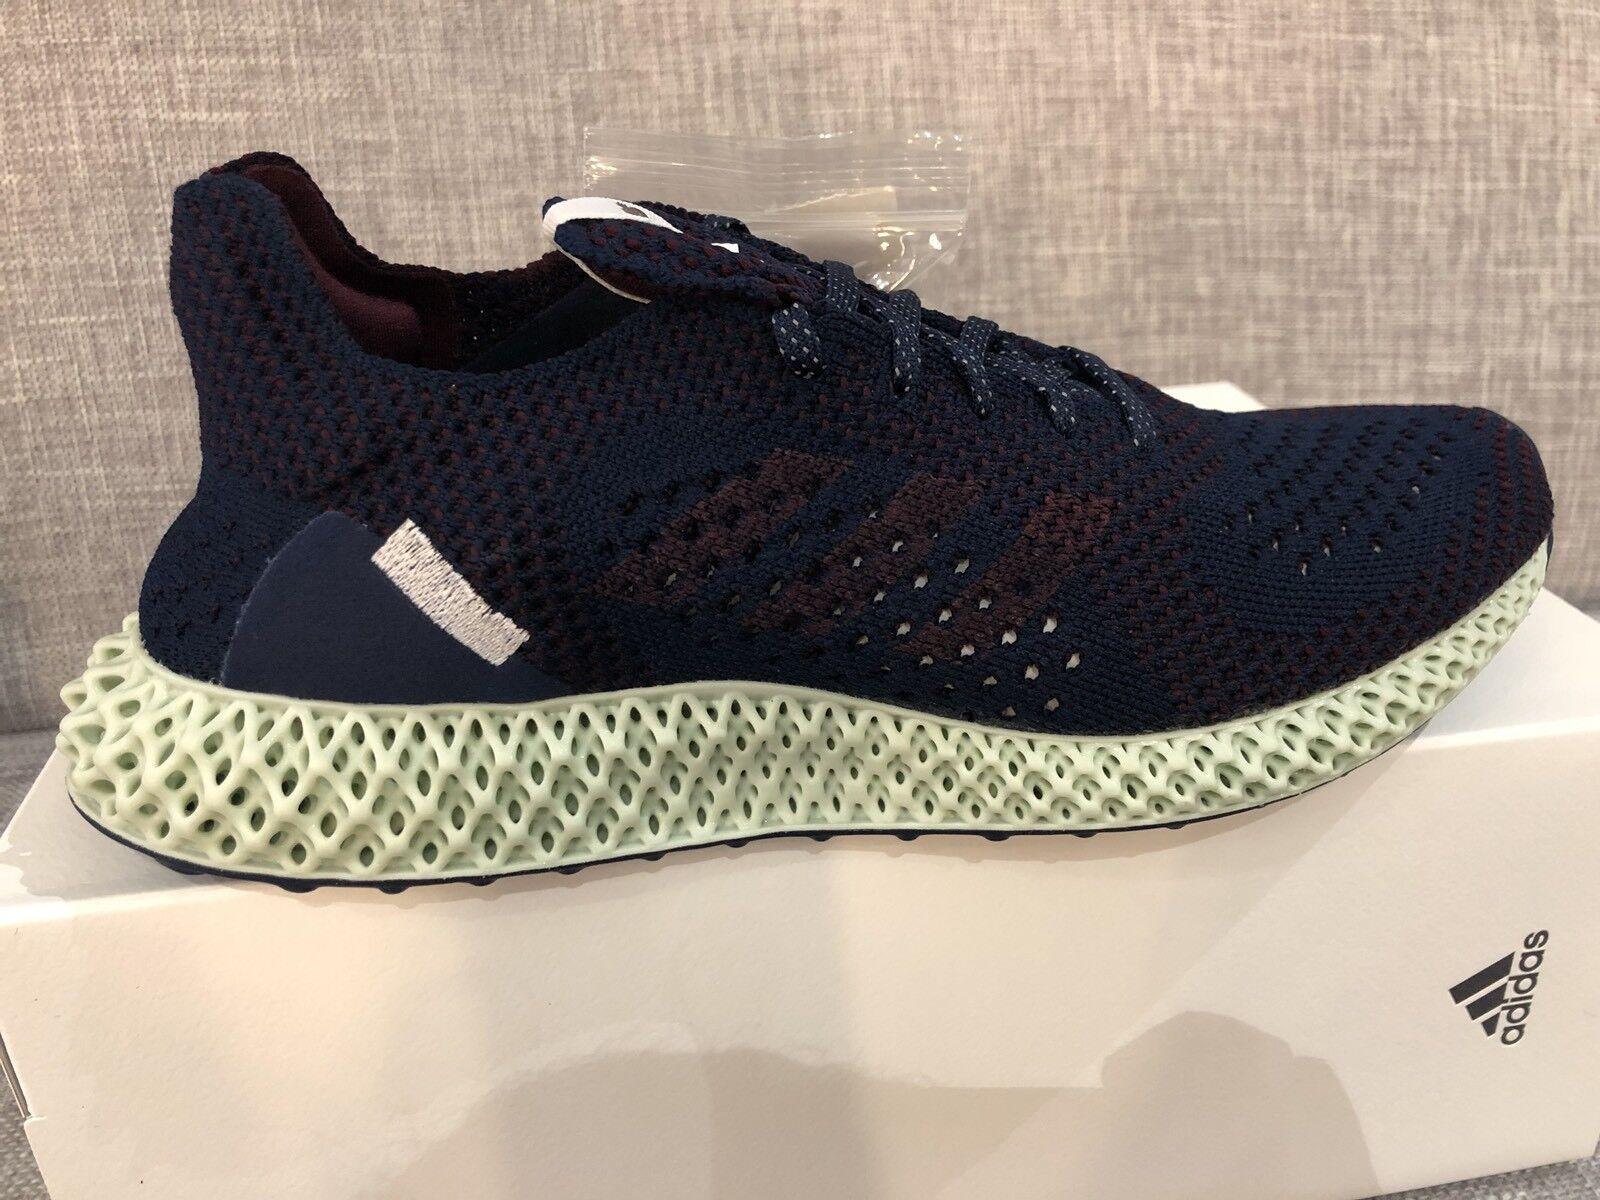 Adidas Consortium X SNS Sneakersnstuff 4D US 9 IN HAND